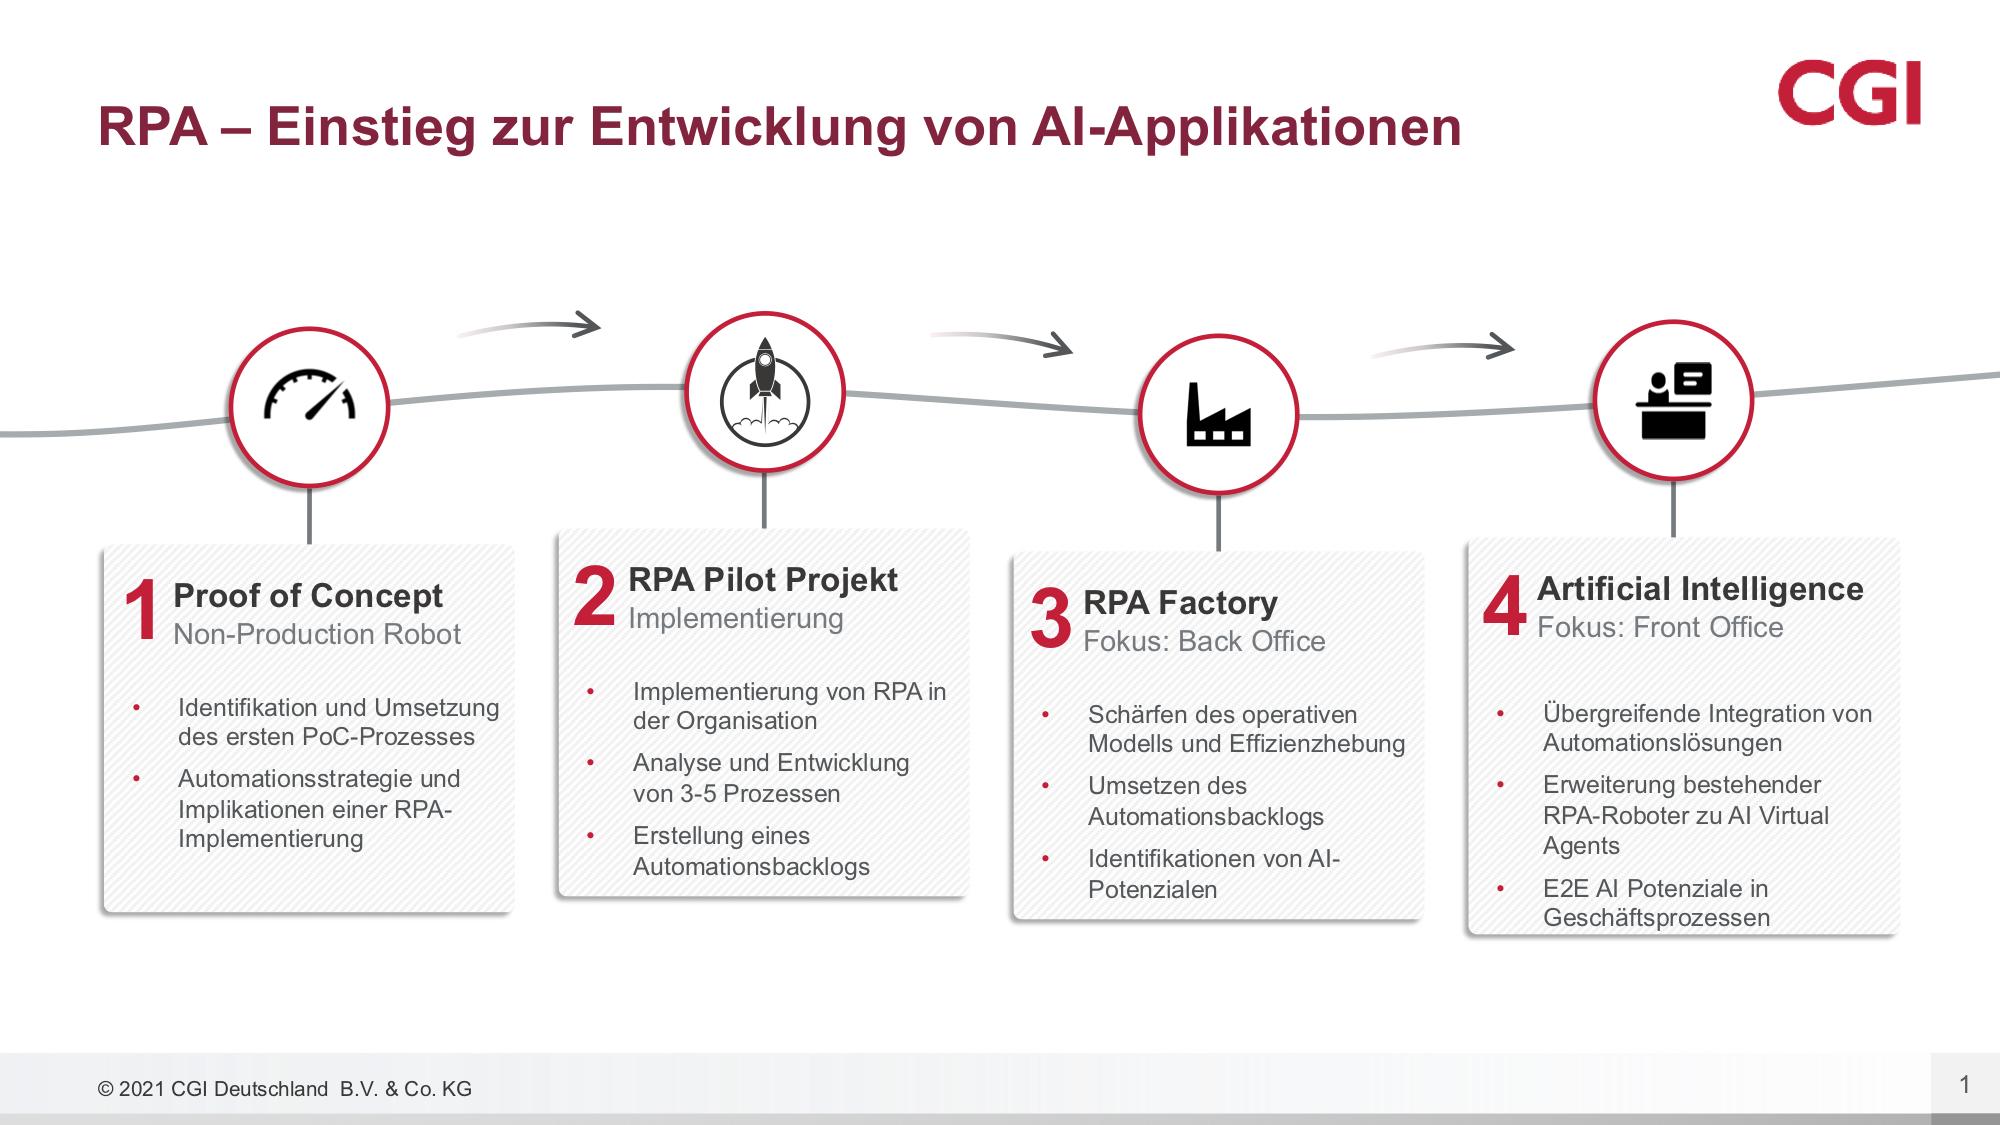 Der Ansatz von CGI begleitet Unternehmen von der Automation einfacher Anwendungsfälle bis zur Entwicklung von KI-Applikationen. (Bild: CGI Deutschland B.V. & Co. KG)